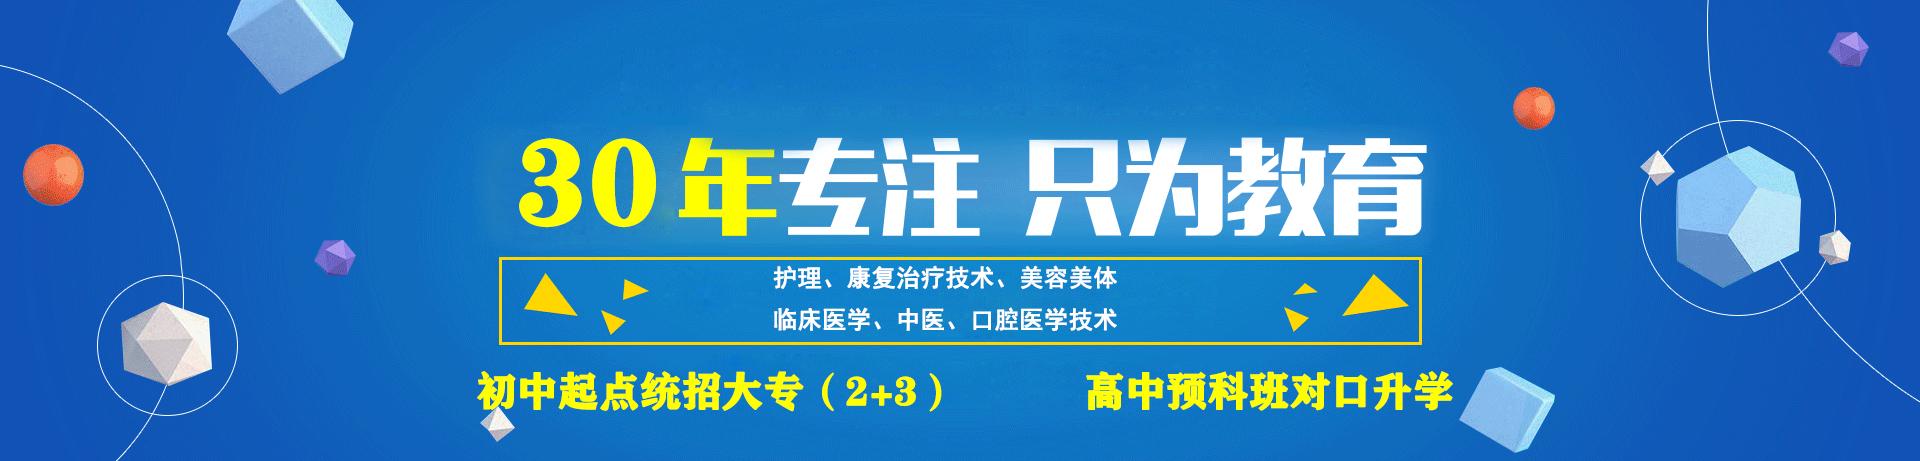 郑州护理大专学校